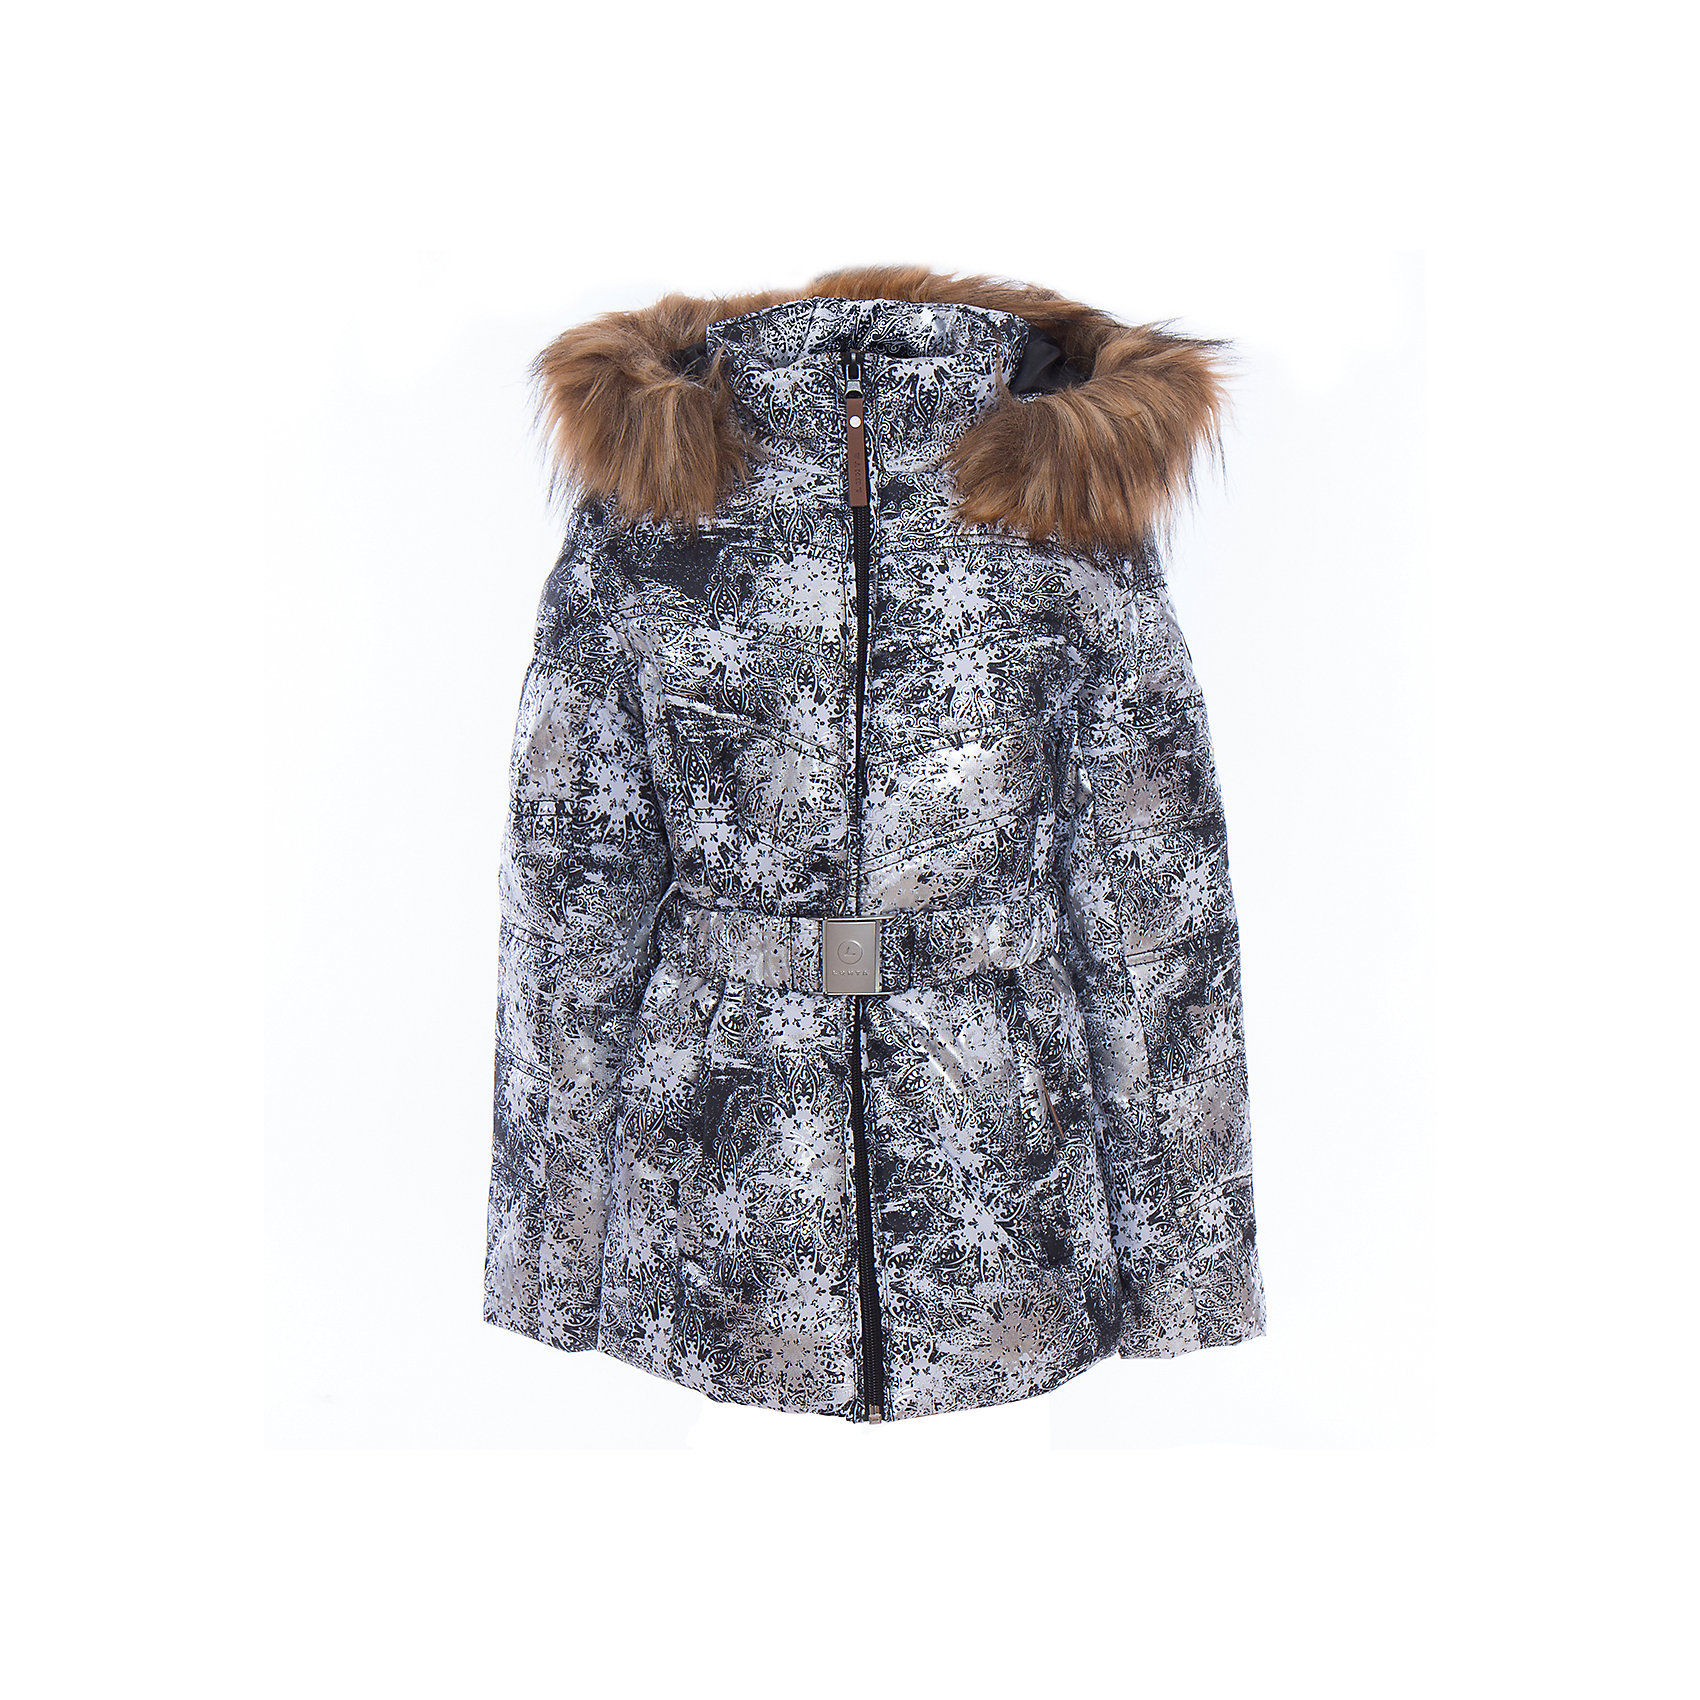 Куртка для девочки LuhtaОдежда<br>Куртка для девочки от известного бренда Luhta.<br>Куртка на поясе с отстегивающимся капюшоном, искусственный мех, принт, элегантный силуэт, боковые карманы на молнии, рукава заканчиваются эластичной резинкой, светоотражающие элементы, утепление 280 гр., искусственный утеплитель Finnwad, мембрана 2000/2000, рекомендуемый температурный режим до -30 град., термометр, показывающий температуру внутри верхней одежды.<br>Технологии: Luhta WATER REPELLENT, Luhta BREATHABLE, 2000/2000, Luhta SAFETY, Luhta TEMPERATURE CONTROL, Luhta FINNWAD, Luhta -30, Reflectors<br>Состав:<br>100% полиэстер<br><br>Ширина мм: 356<br>Глубина мм: 10<br>Высота мм: 245<br>Вес г: 519<br>Цвет: серый<br>Возраст от месяцев: 84<br>Возраст до месяцев: 96<br>Пол: Женский<br>Возраст: Детский<br>Размер: 128,164,158,152,146,140,134<br>SKU: 5413911